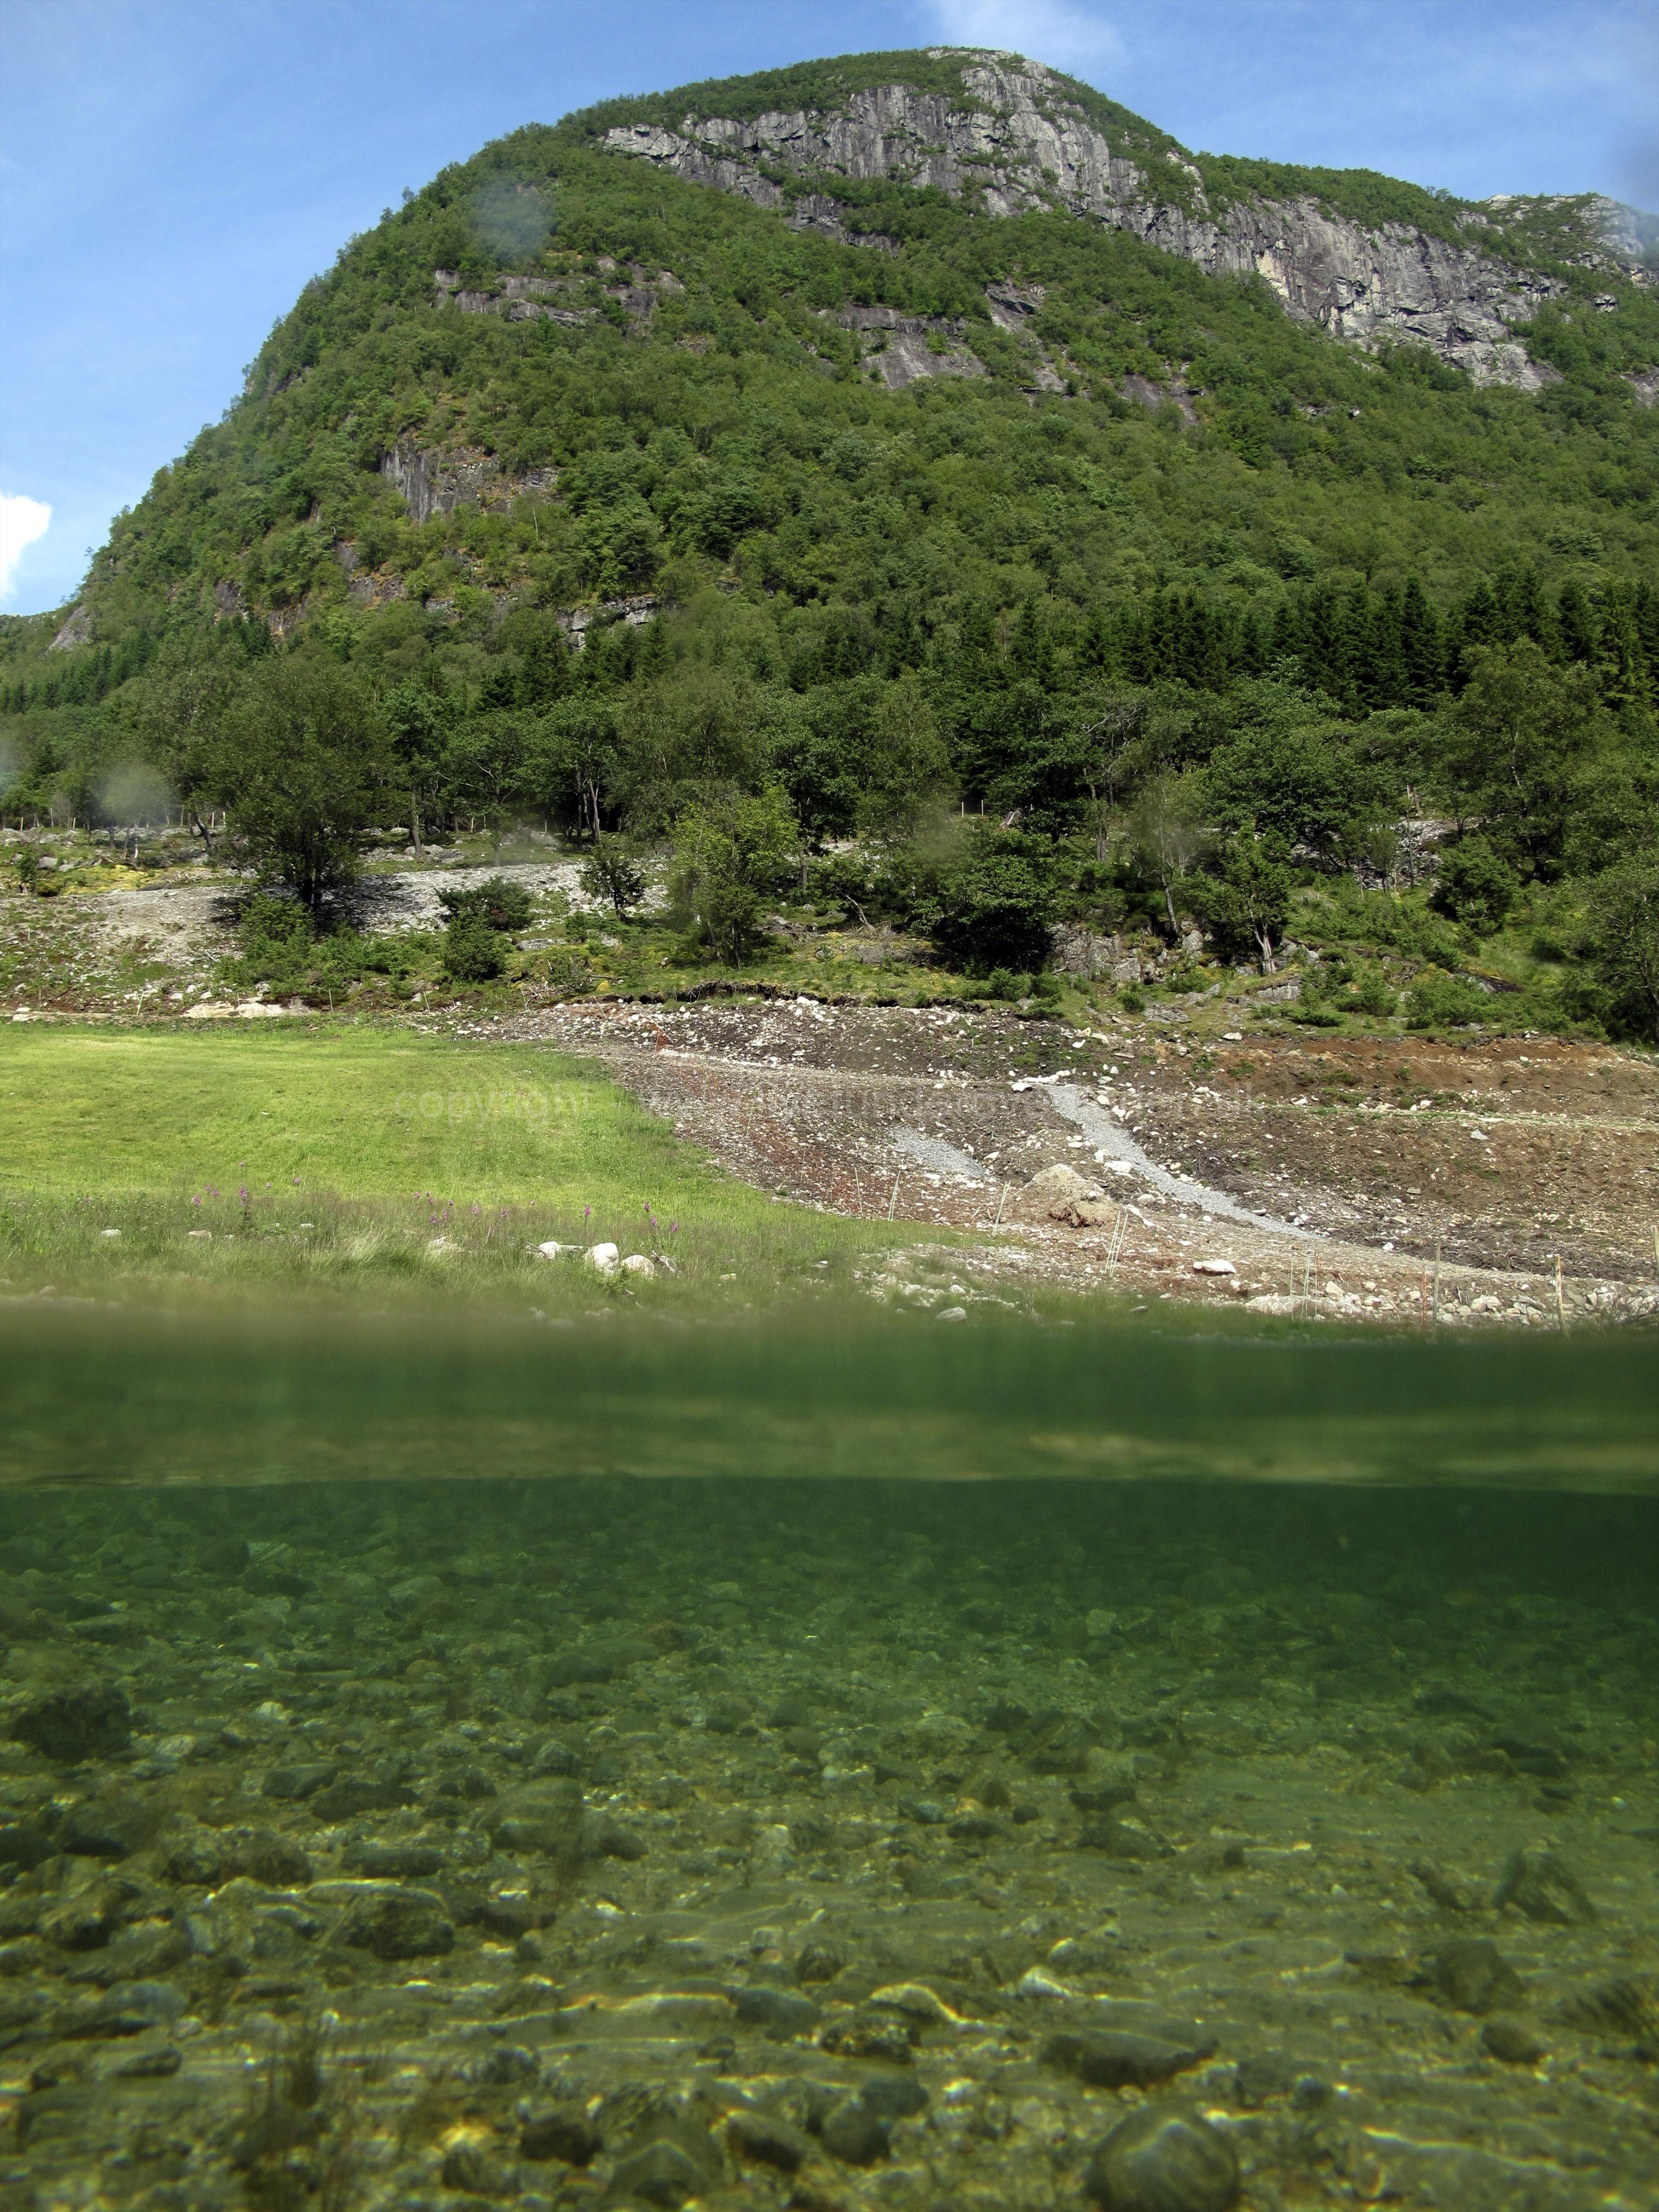 Freshwater habitat_Martin_Kielland 9